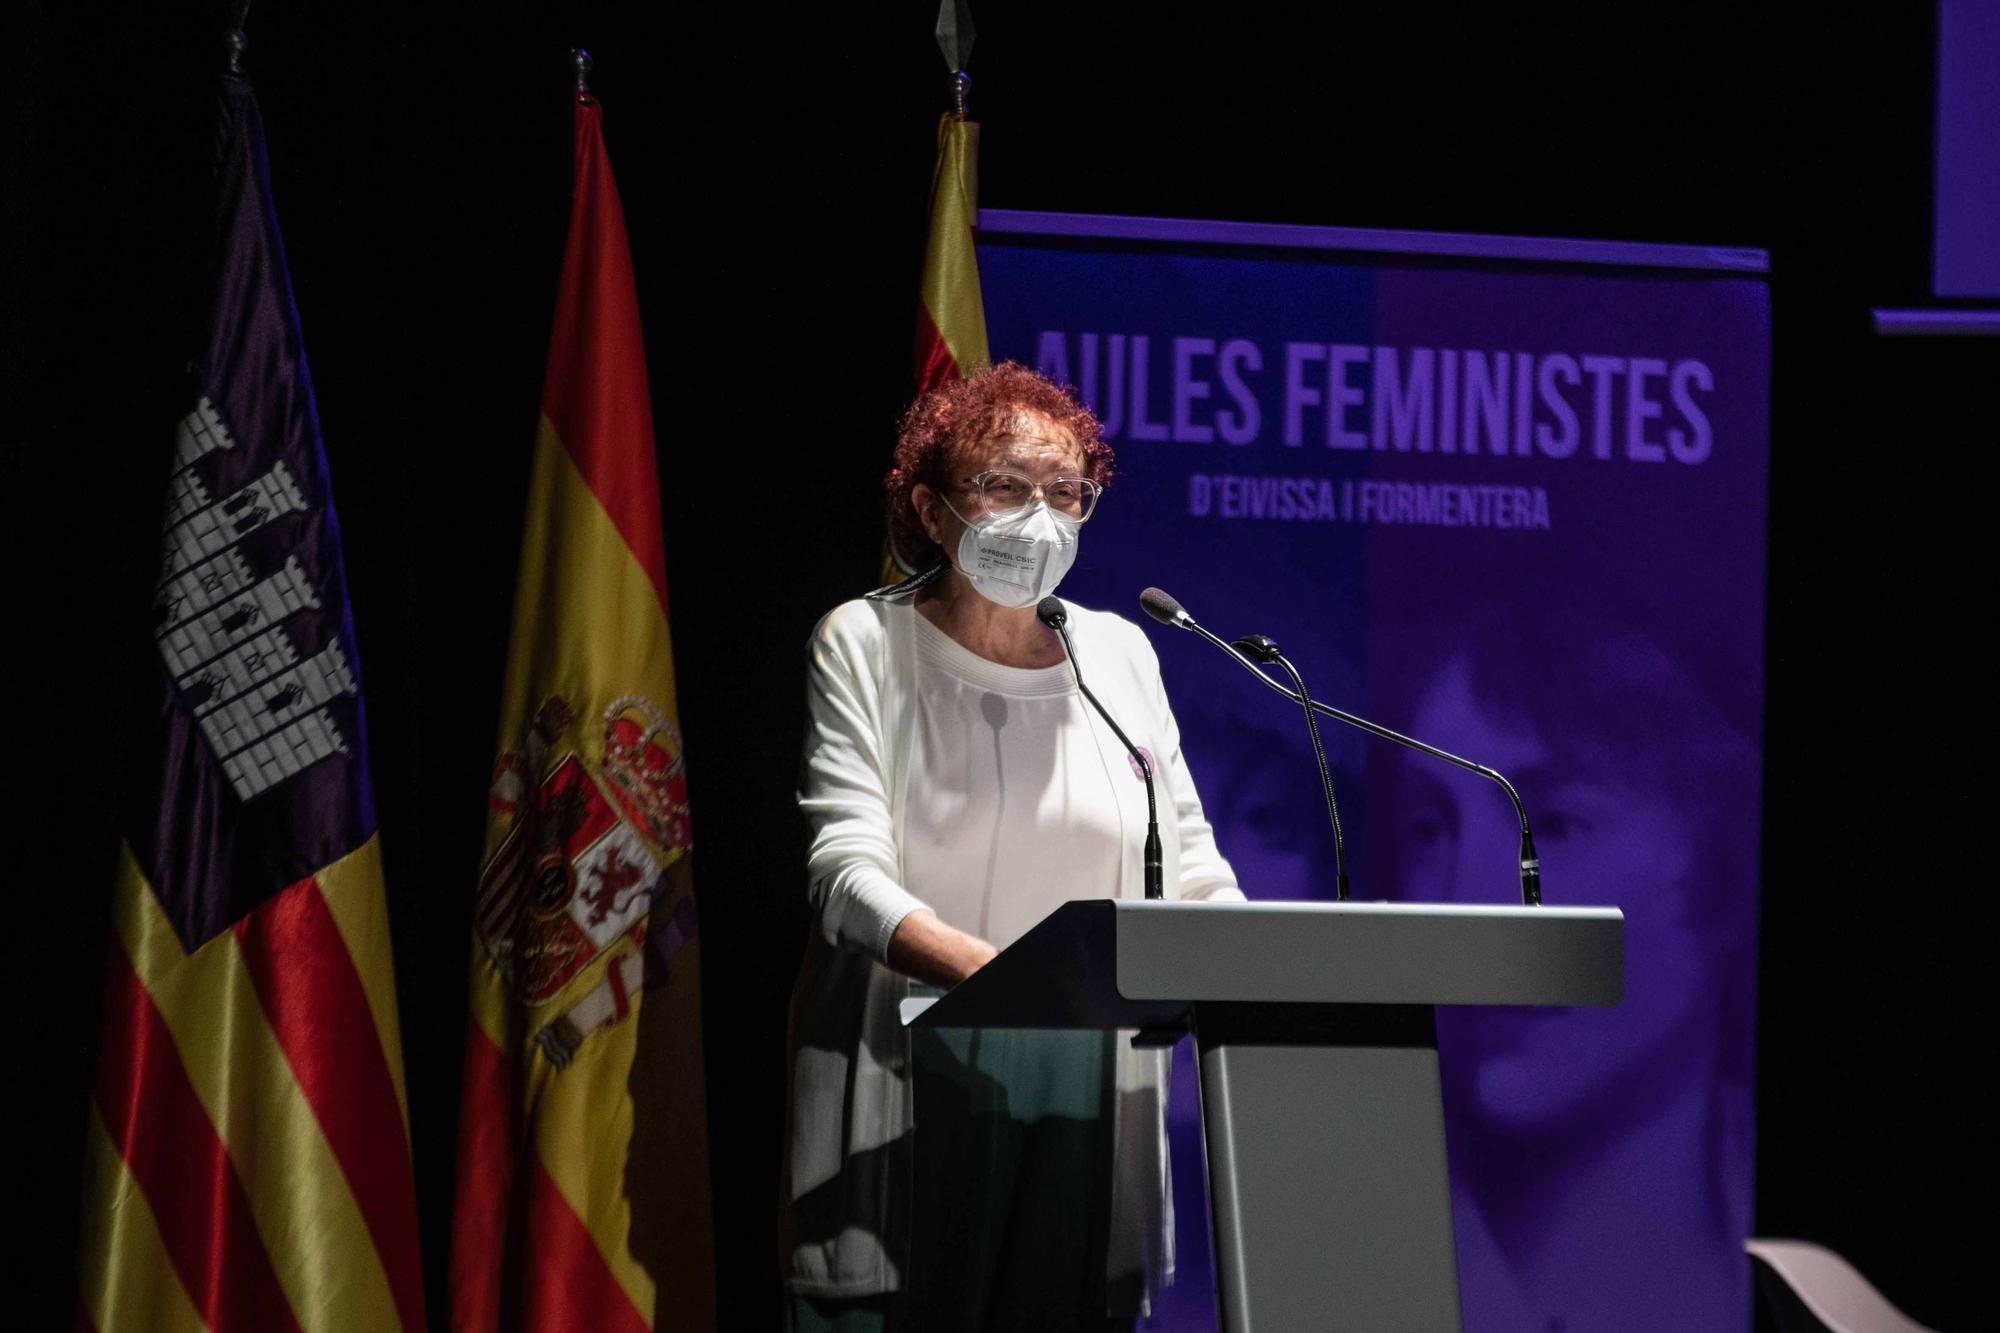 Aulas feministas en Ibiza